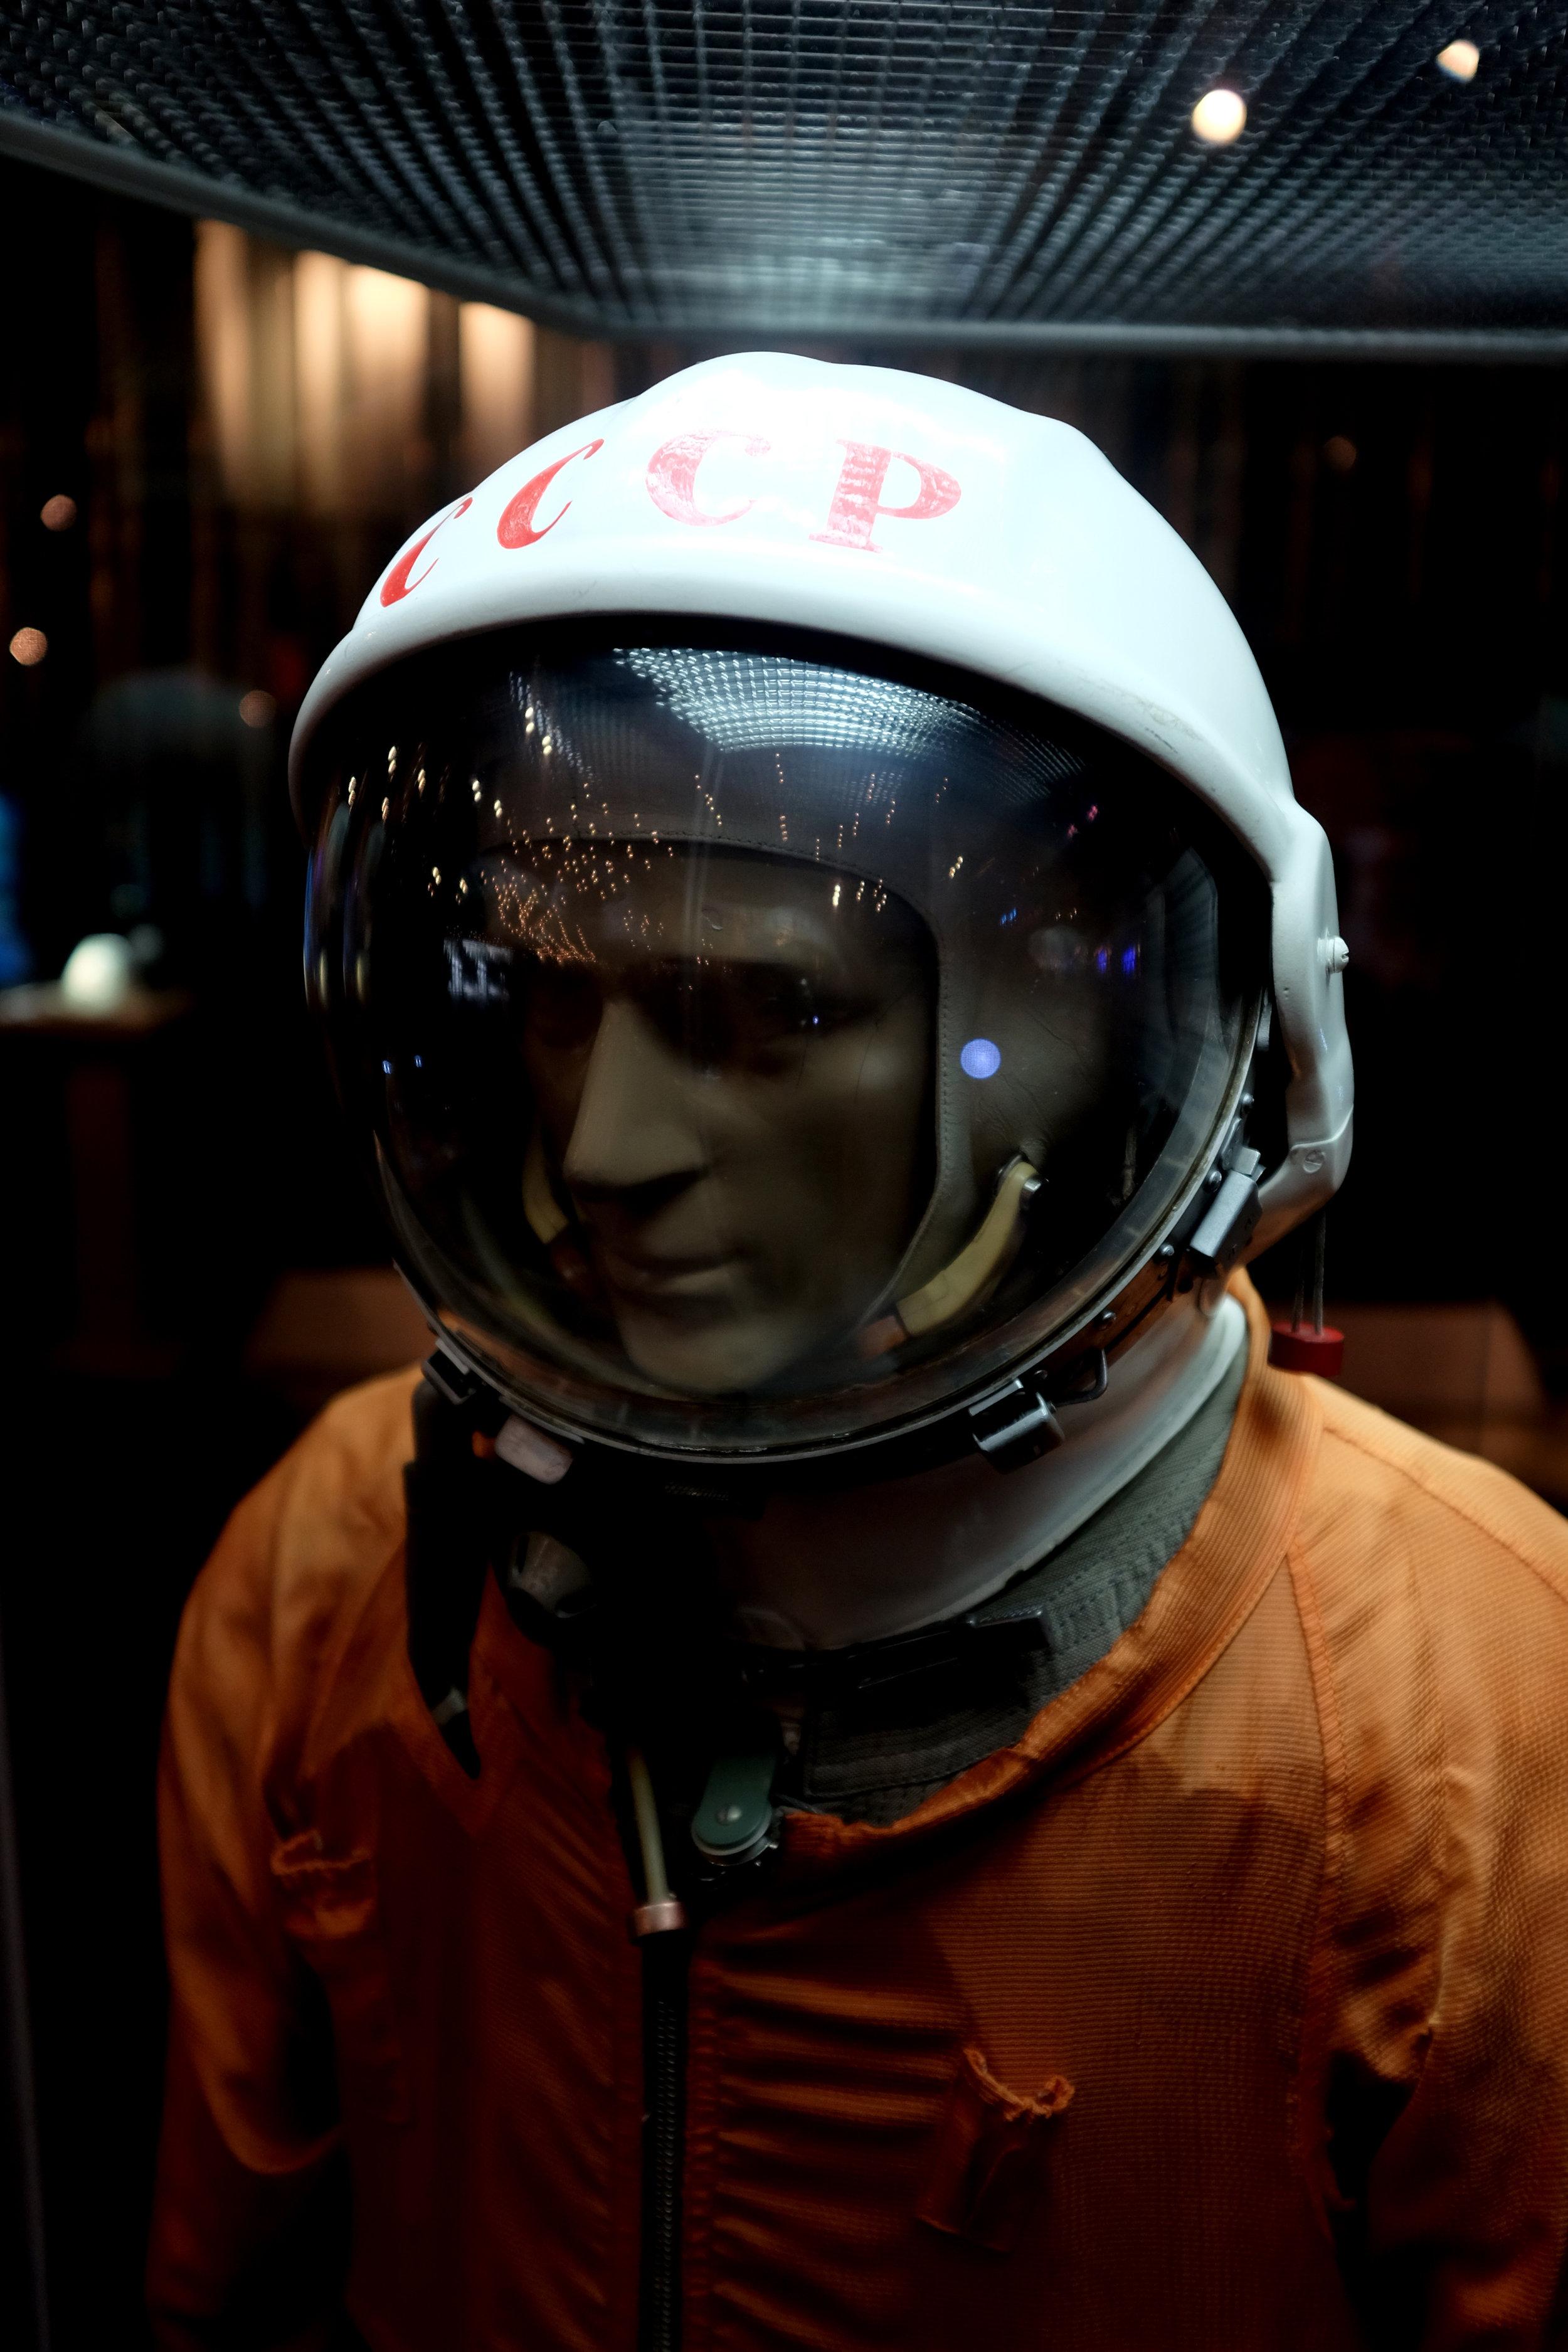 Memorial Museum of Cosmonautics | Moscow, Russia